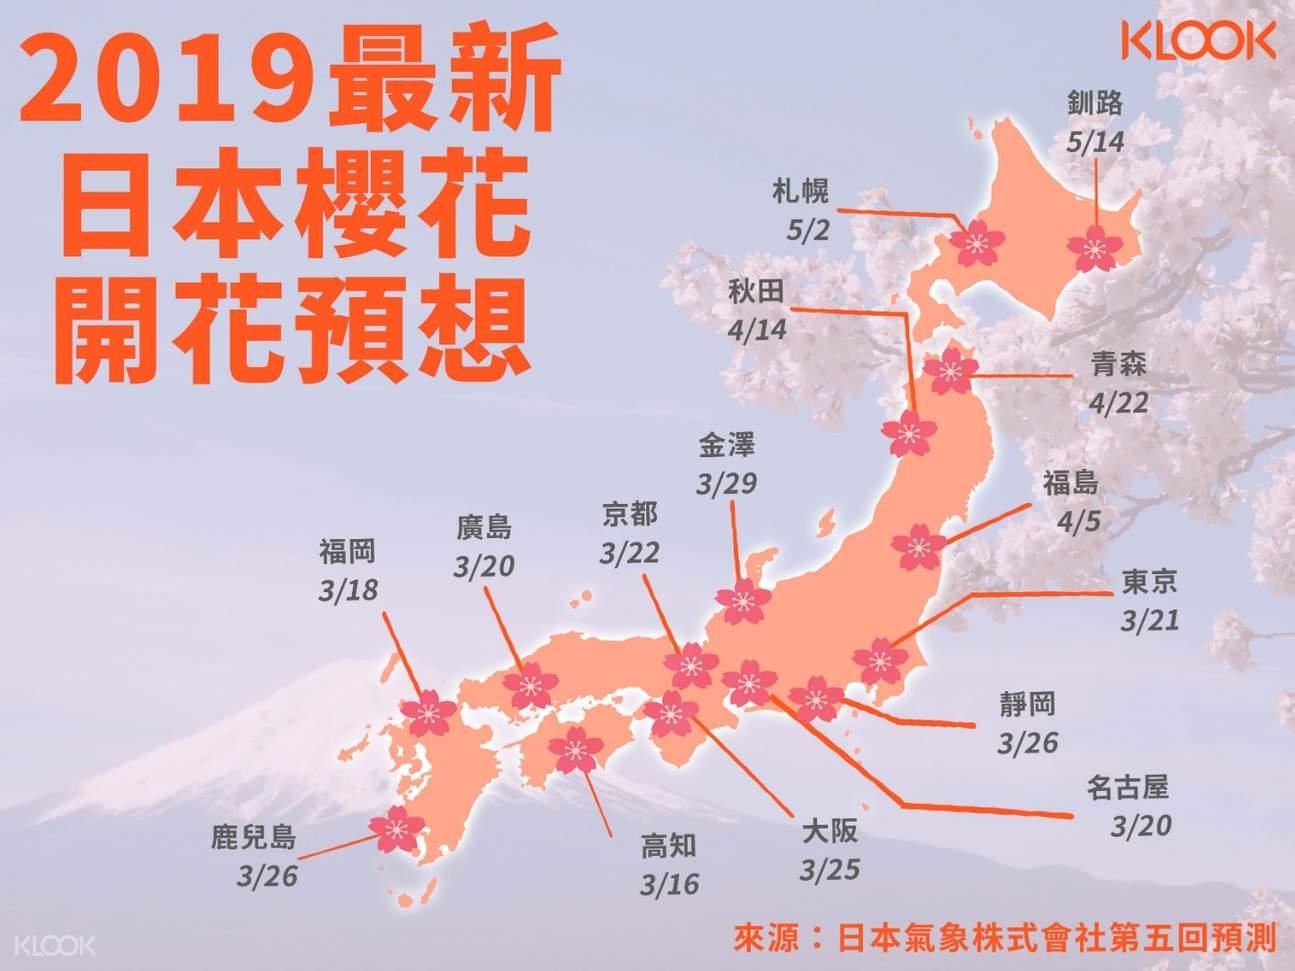 九州周遊券 JR pass